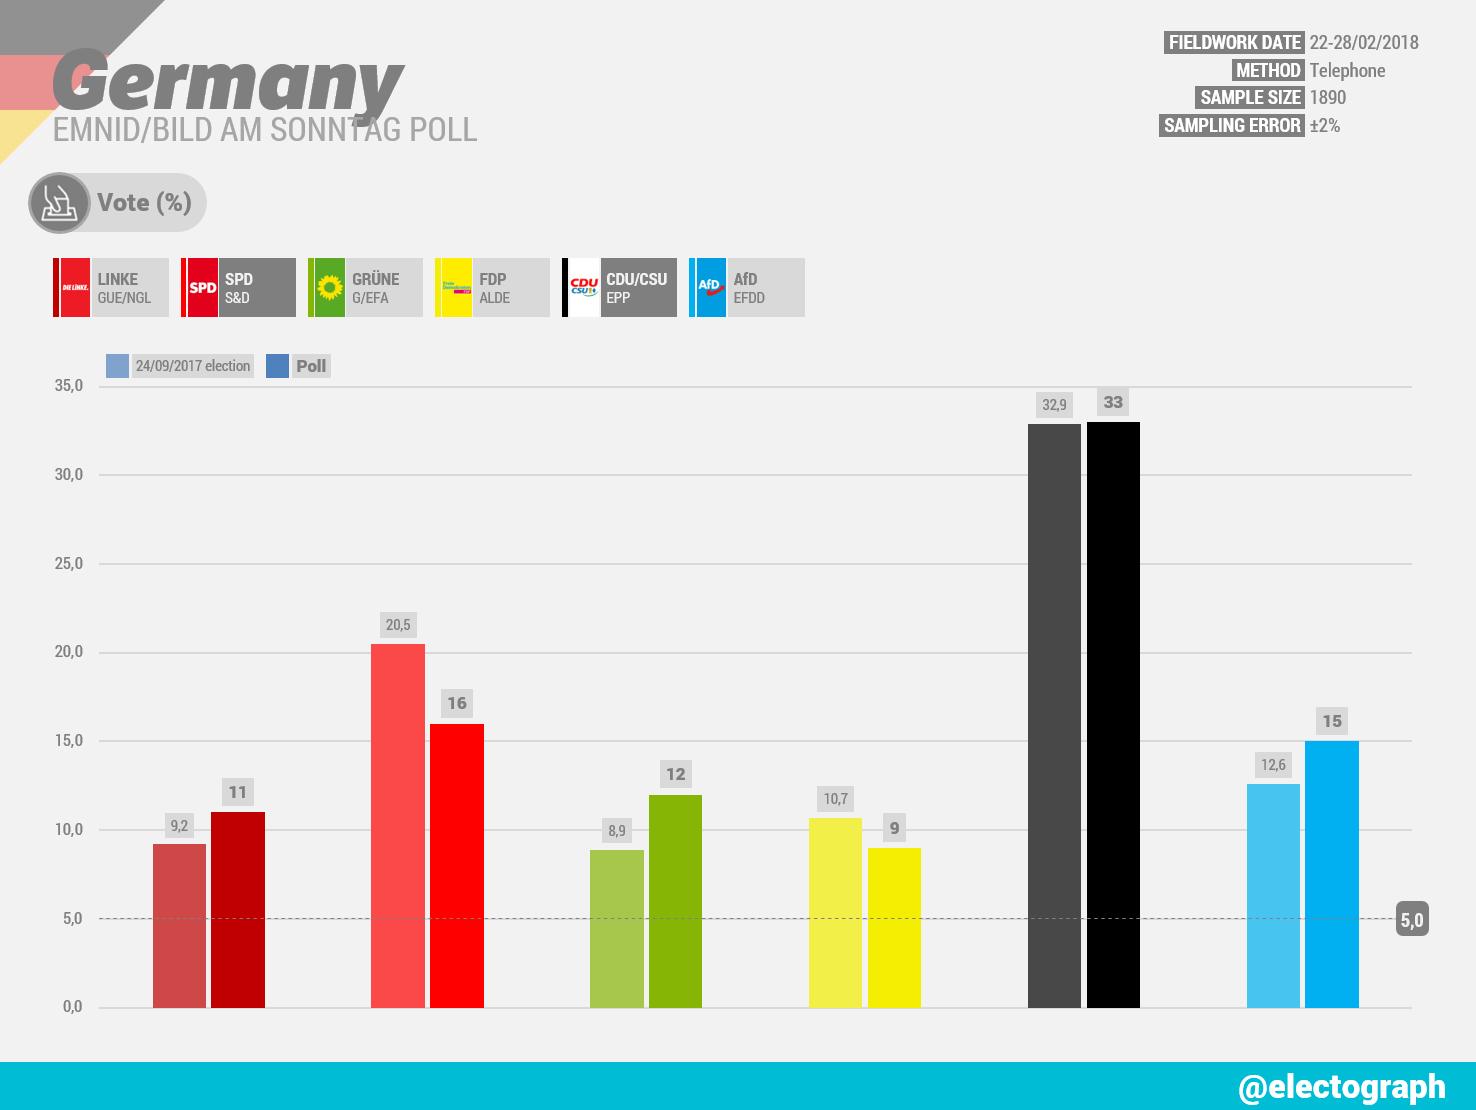 GERMANY Emnid poll chart for Bild am Sonntag, February 2018